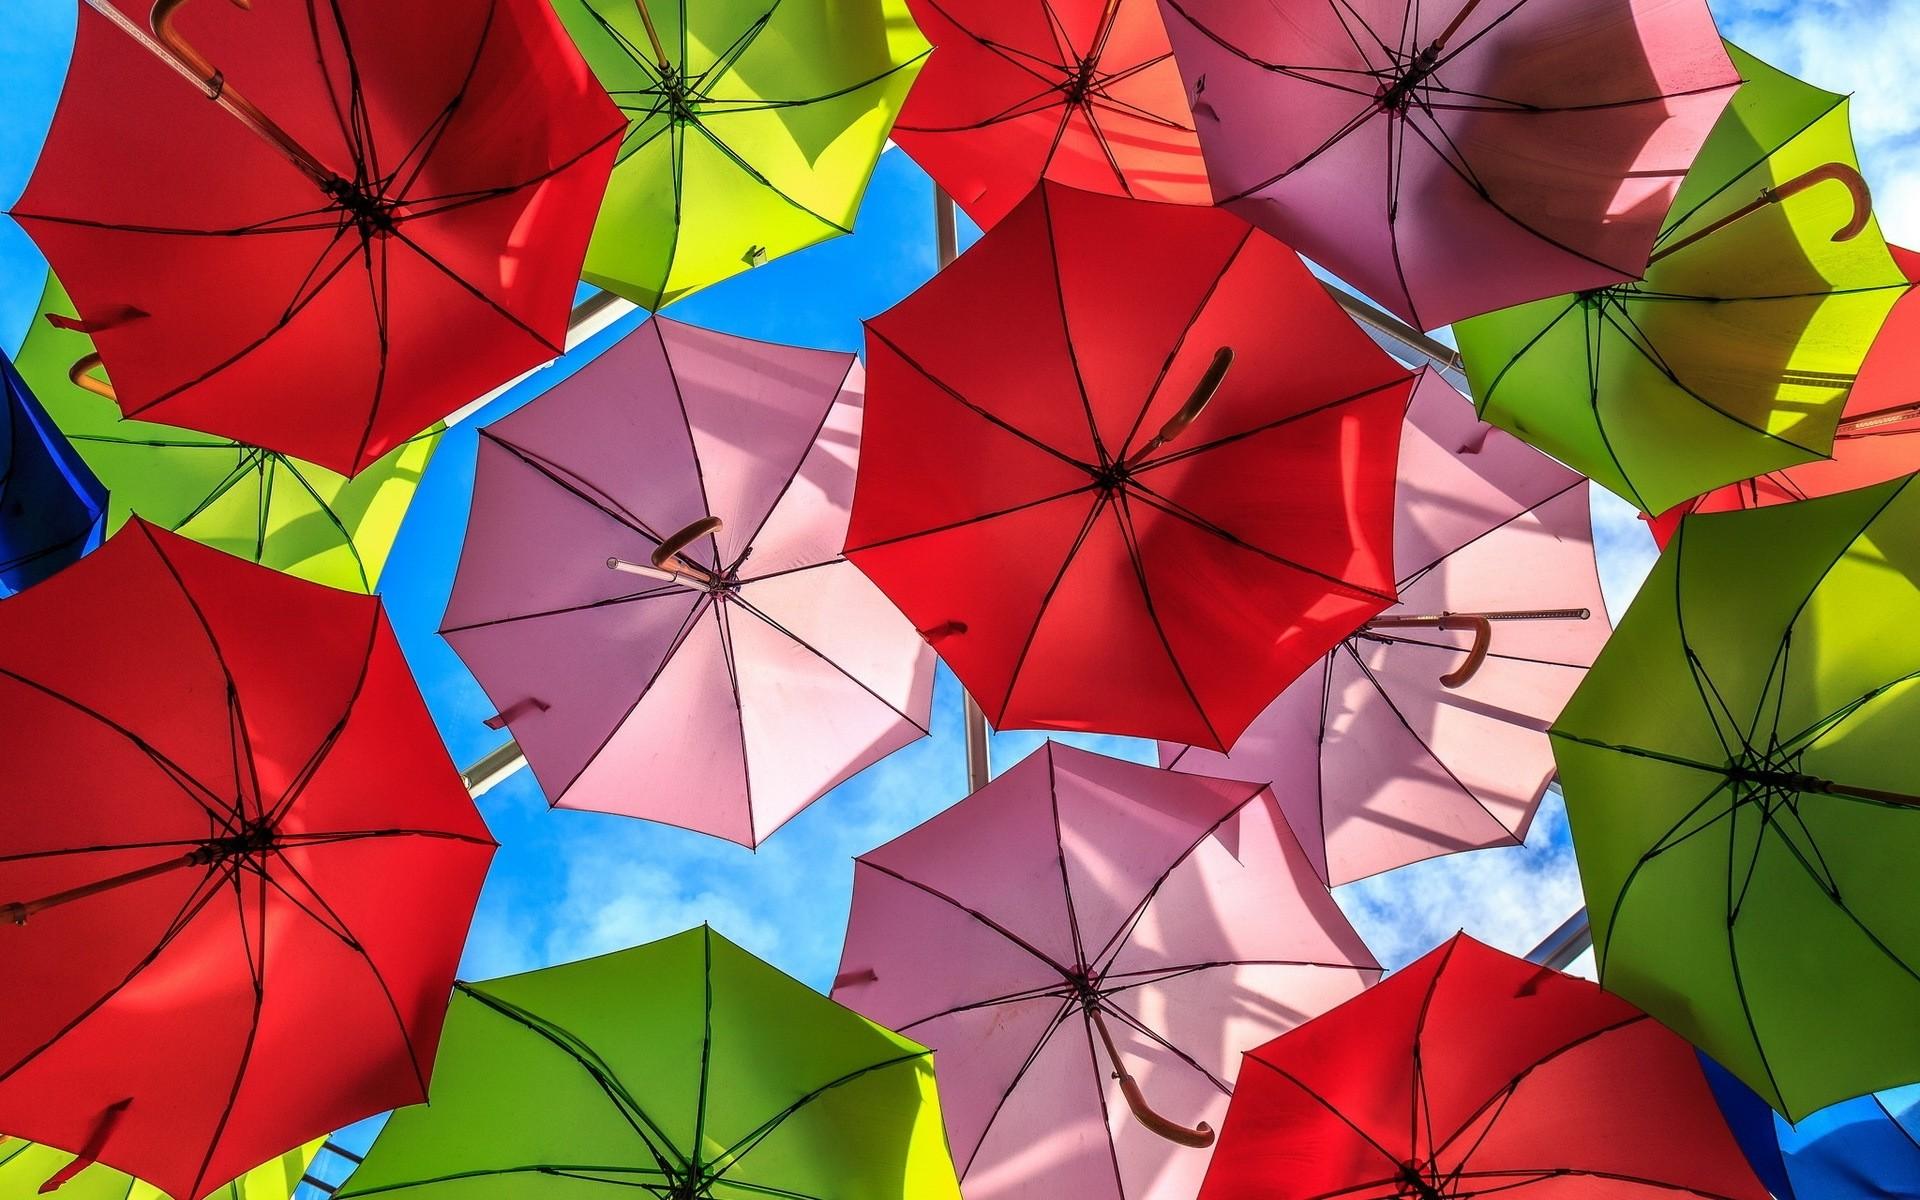 Umbrella Wallpaper 8256